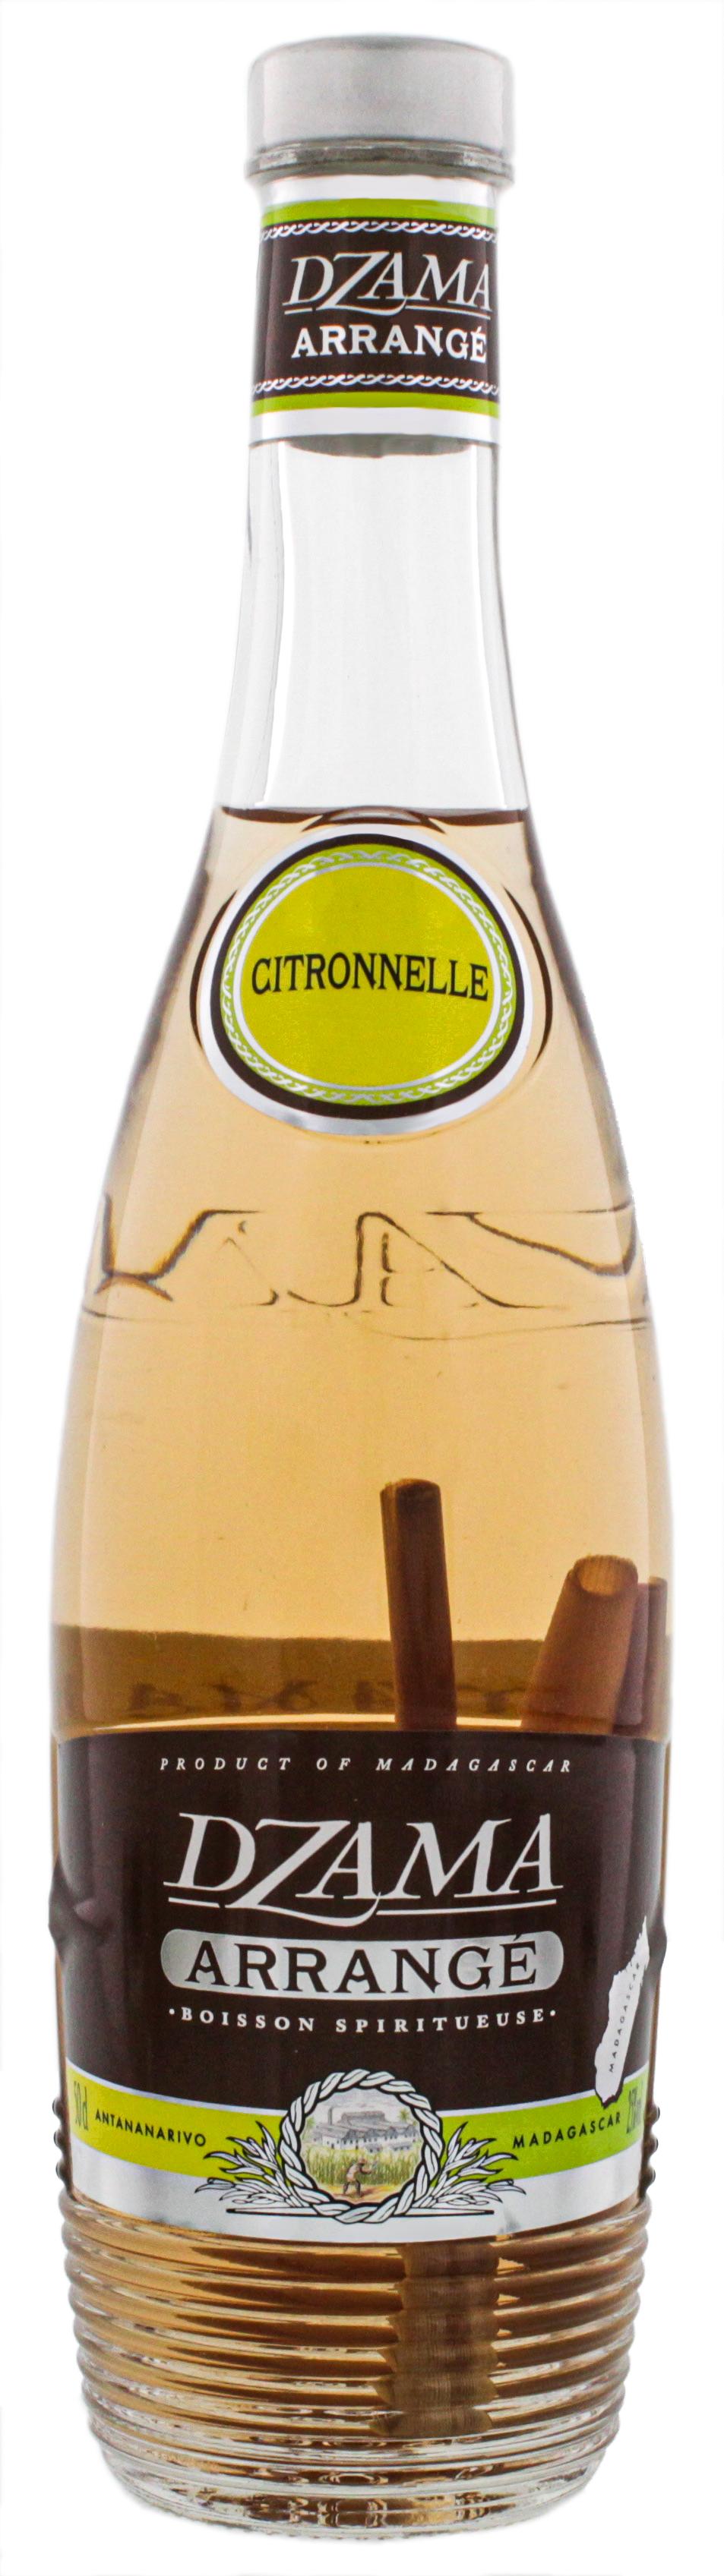 Dzama Arrange Citronnelle 0,5L